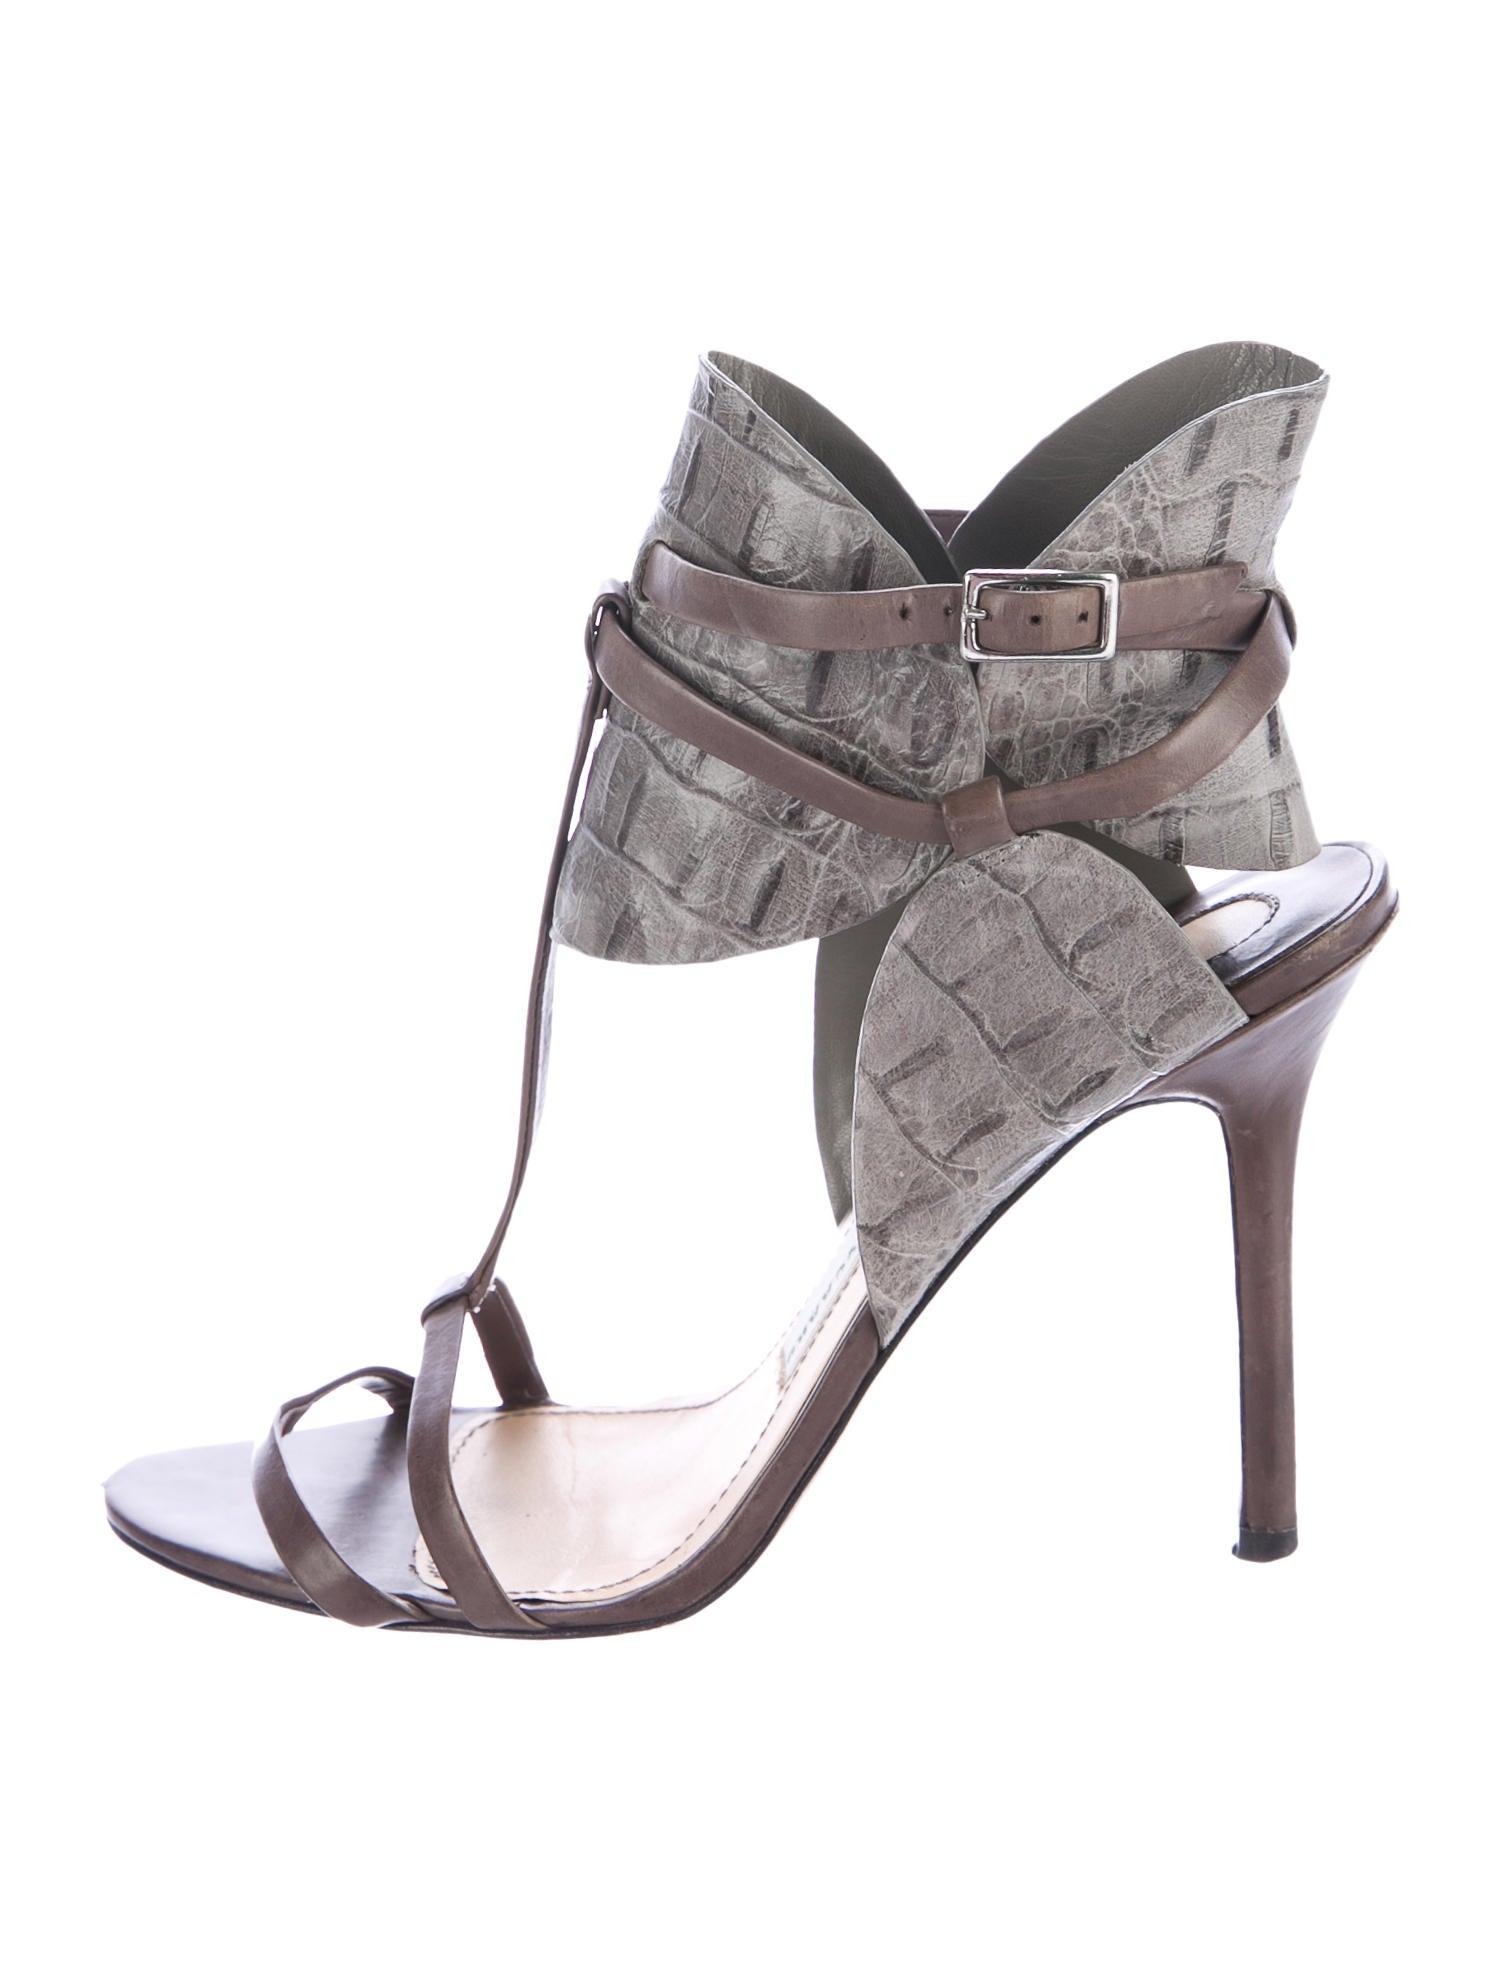 Camilla Skovgaard Embossed Ankle Strap Sandals online sale online s0gn1I